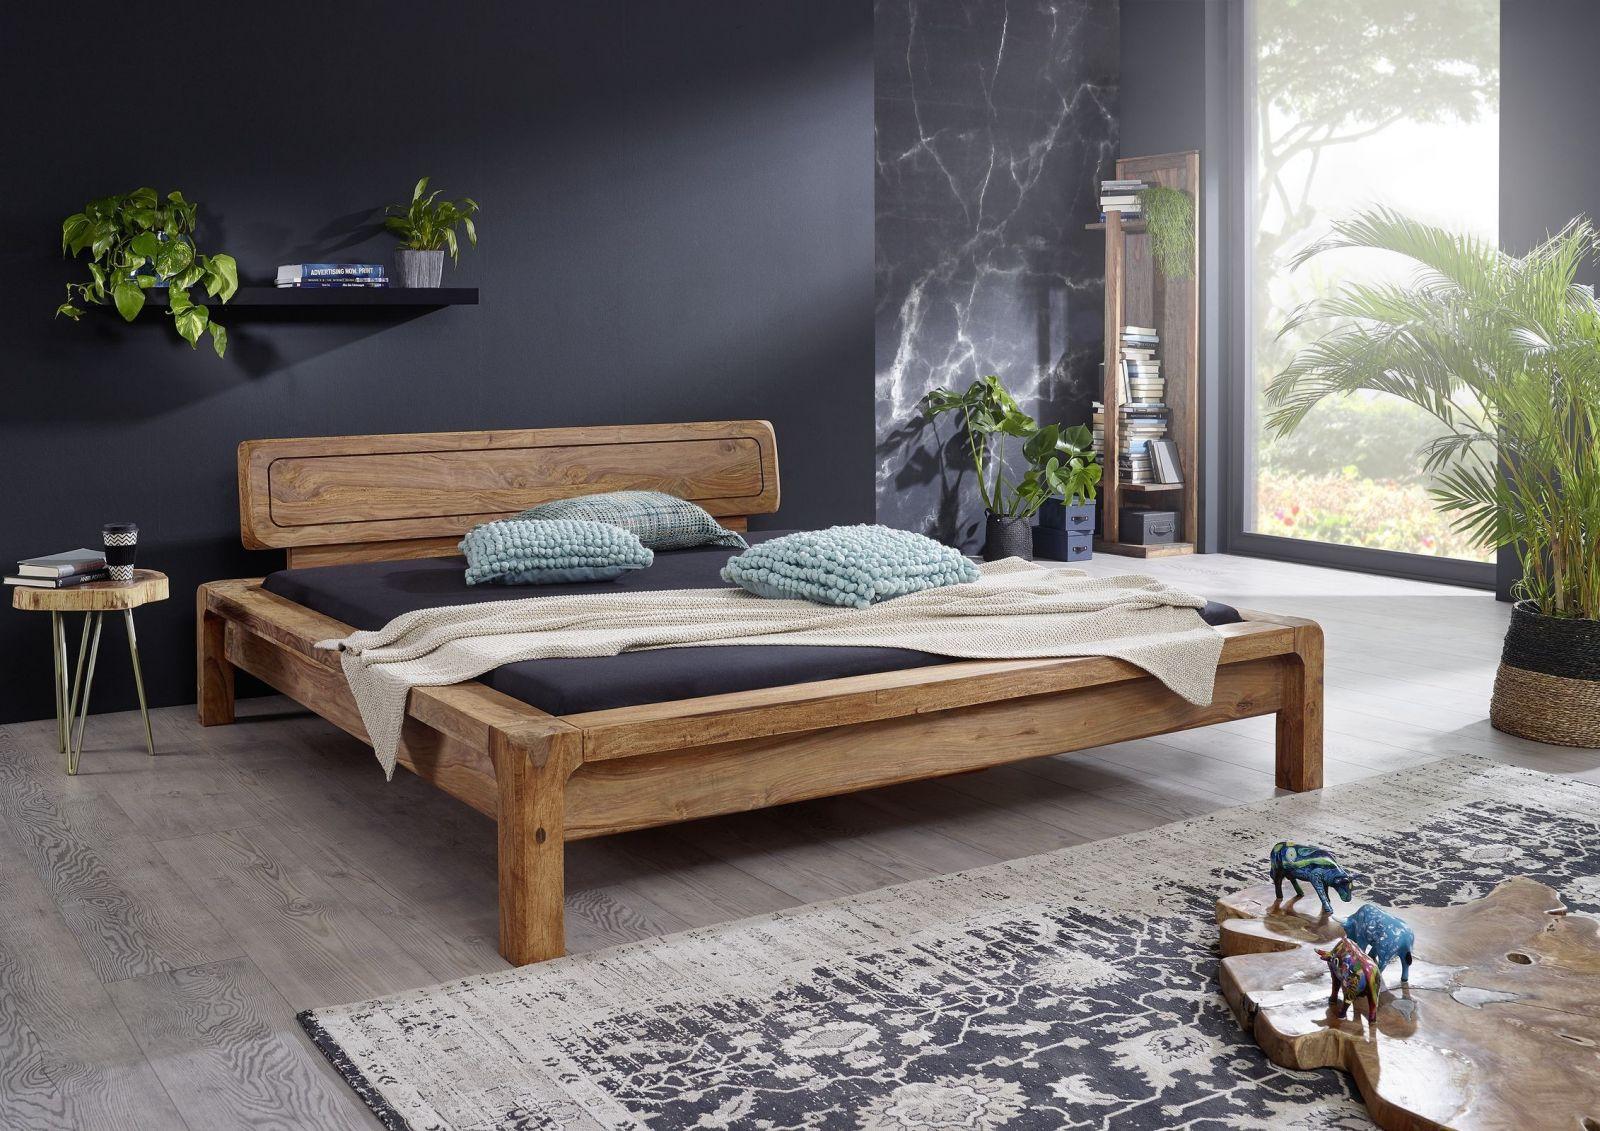 Full Size of Bett Modern Eiche Leader Beyond Better Sleep Pillow Design 180x200 Betten Holz 120x200 Italienisches Puristisch Kaufen 140x200 160x200 Mit Lattenrost Und Wohnzimmer Bett Modern